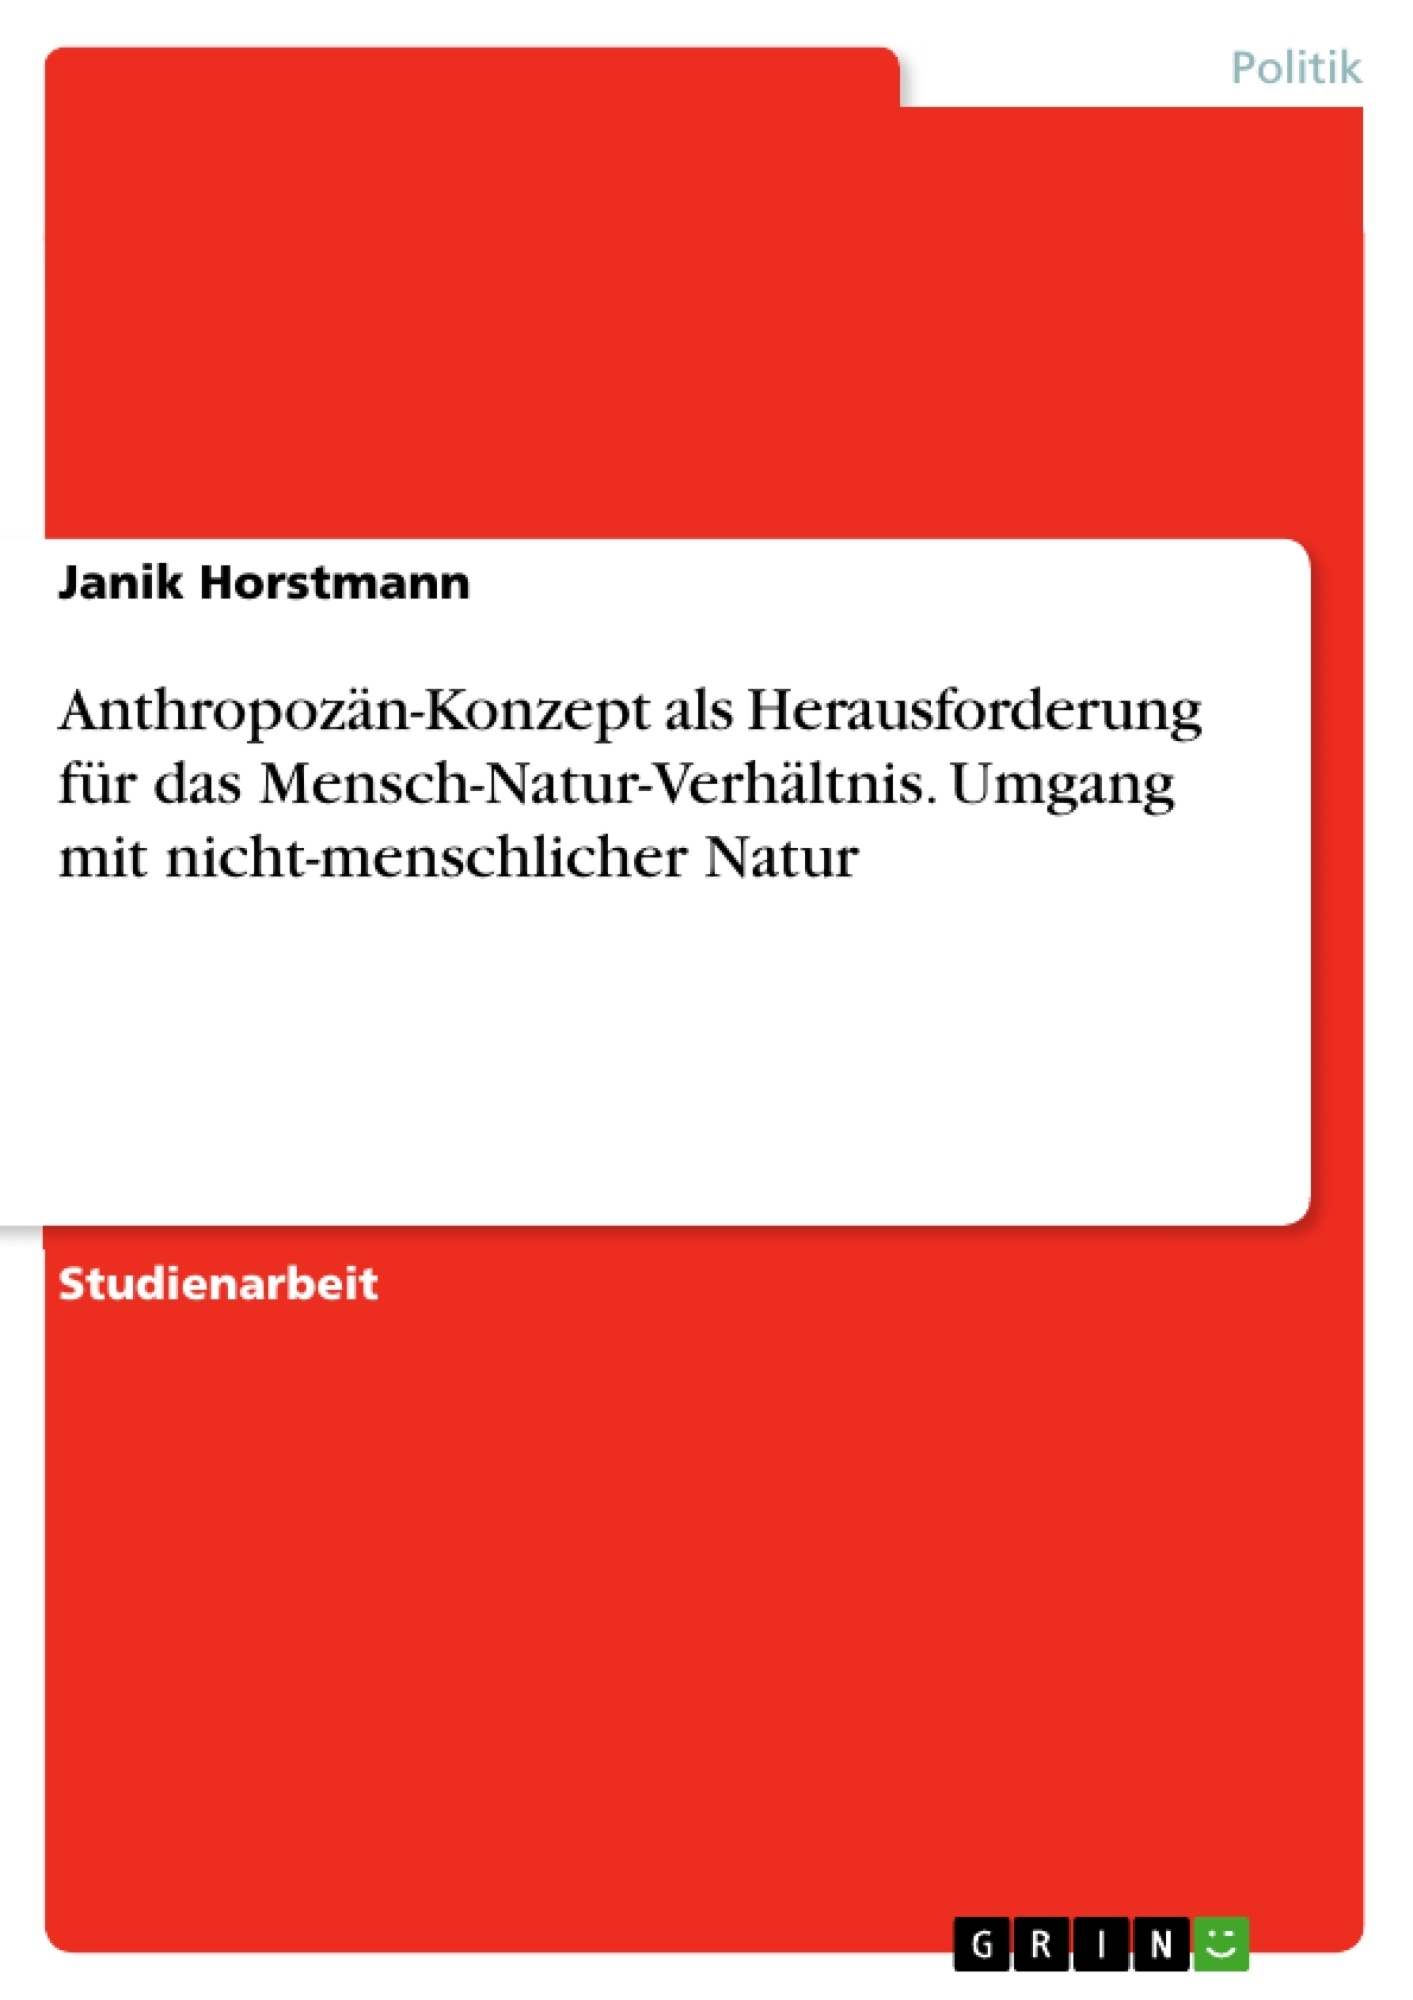 Titel: Anthropozän-Konzept als Herausforderung für das Mensch-Natur-Verhältnis. Umgang mit nicht-menschlicher Natur